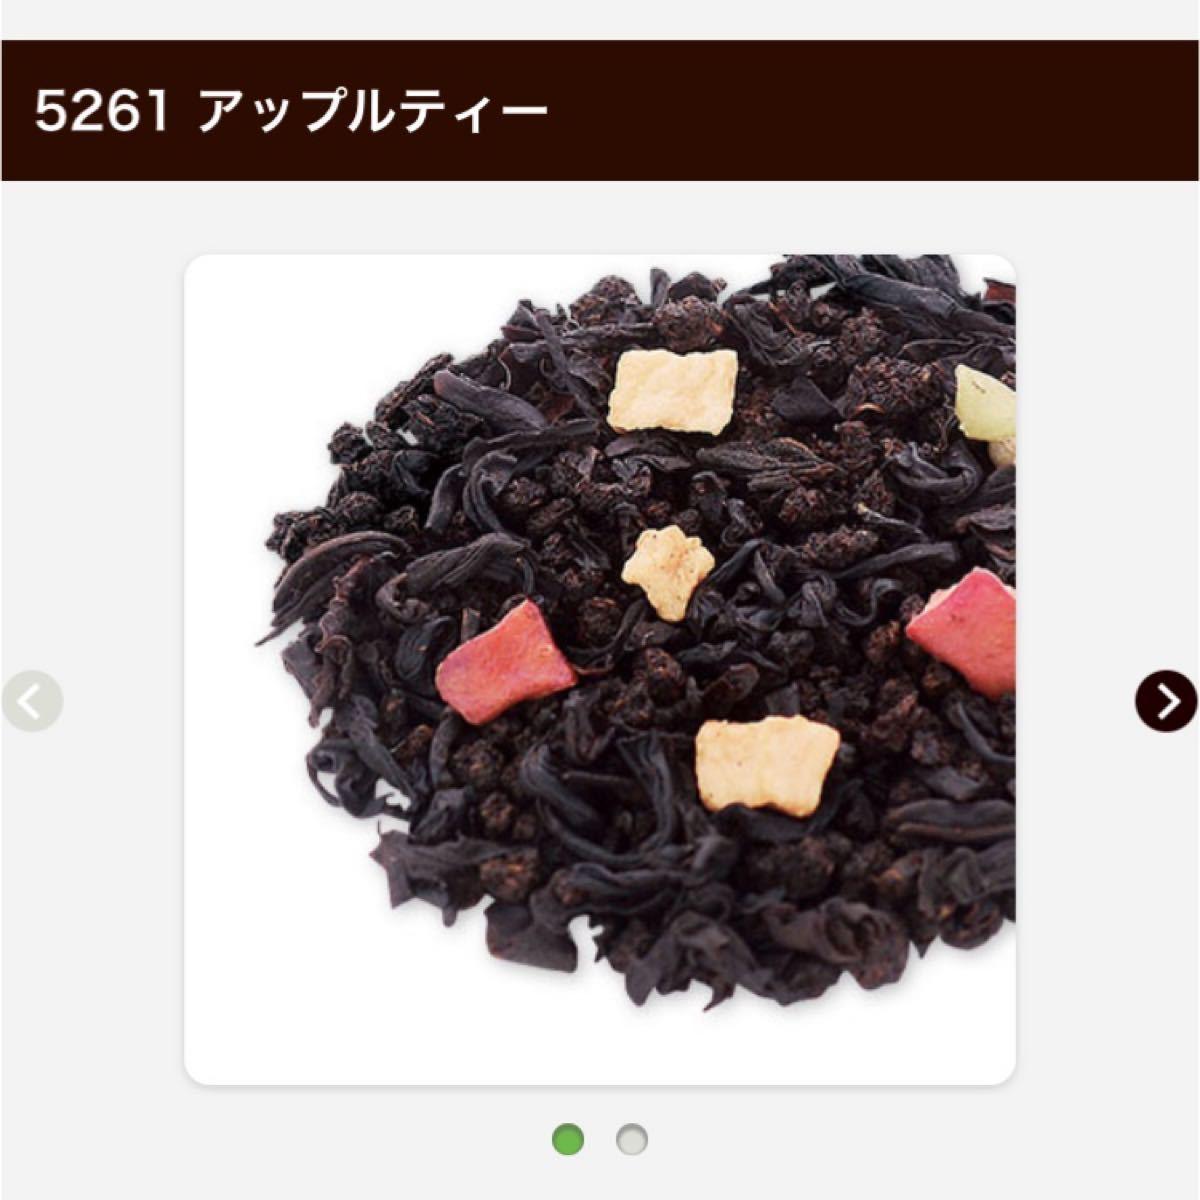 【即決OK 新品未開封】ルピシア ティーバッグ 高級茶葉セット フルーツティー 紅茶 アップルティー